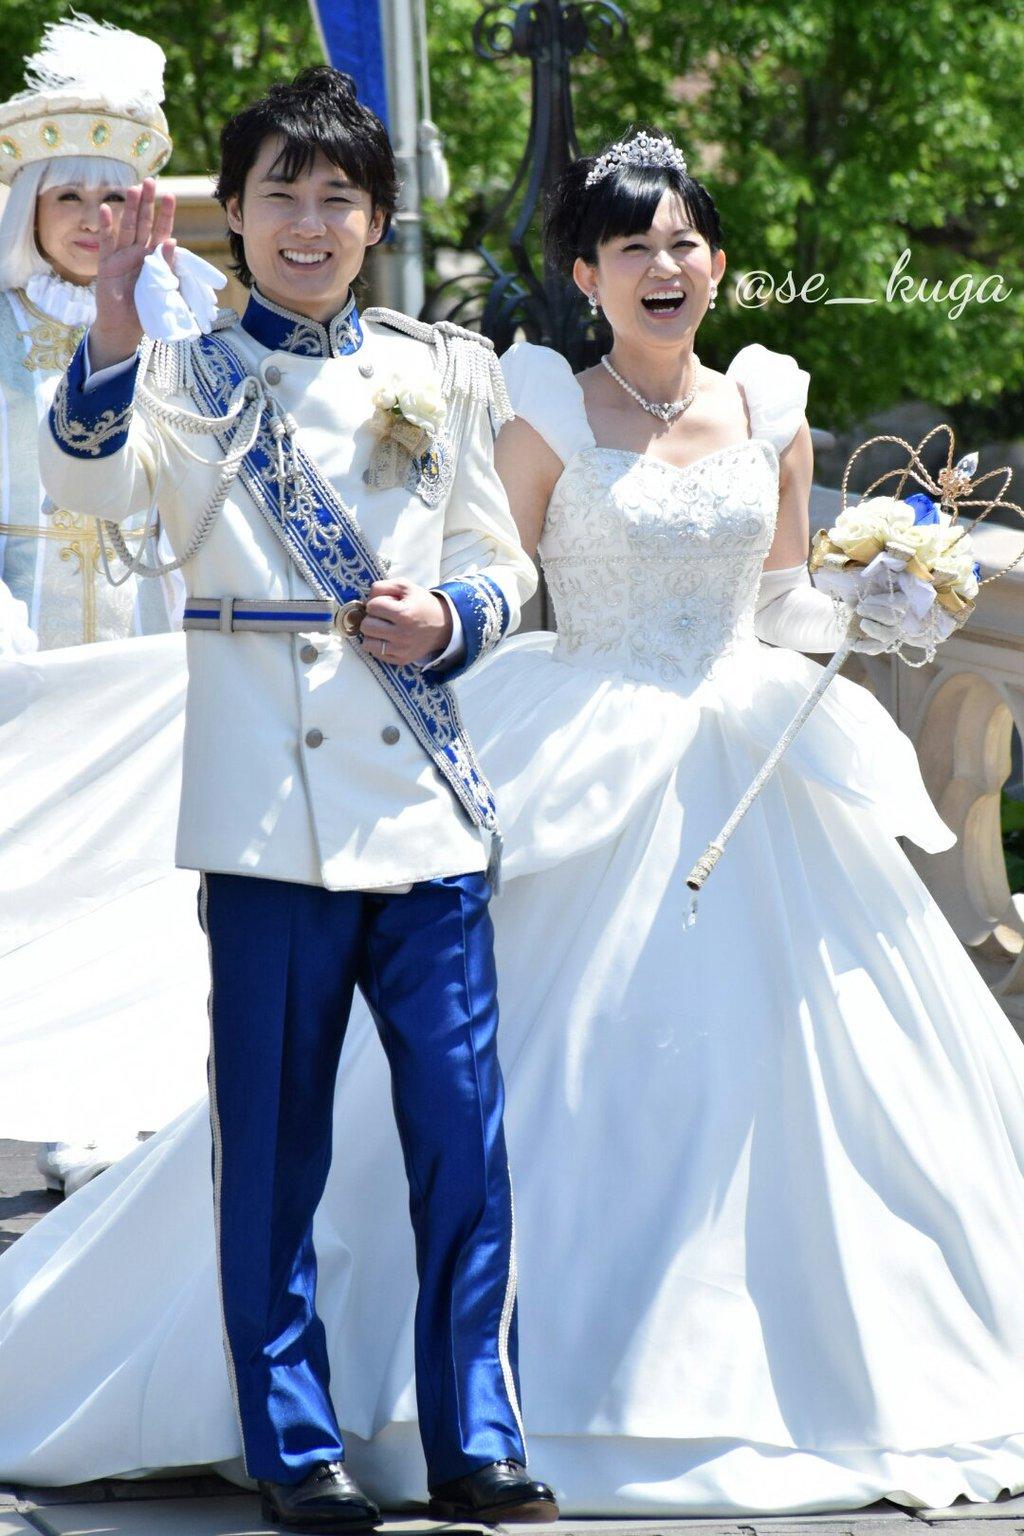 미야케 쥰이치 & 니시마타 아오이 커플의 결혼식 사진